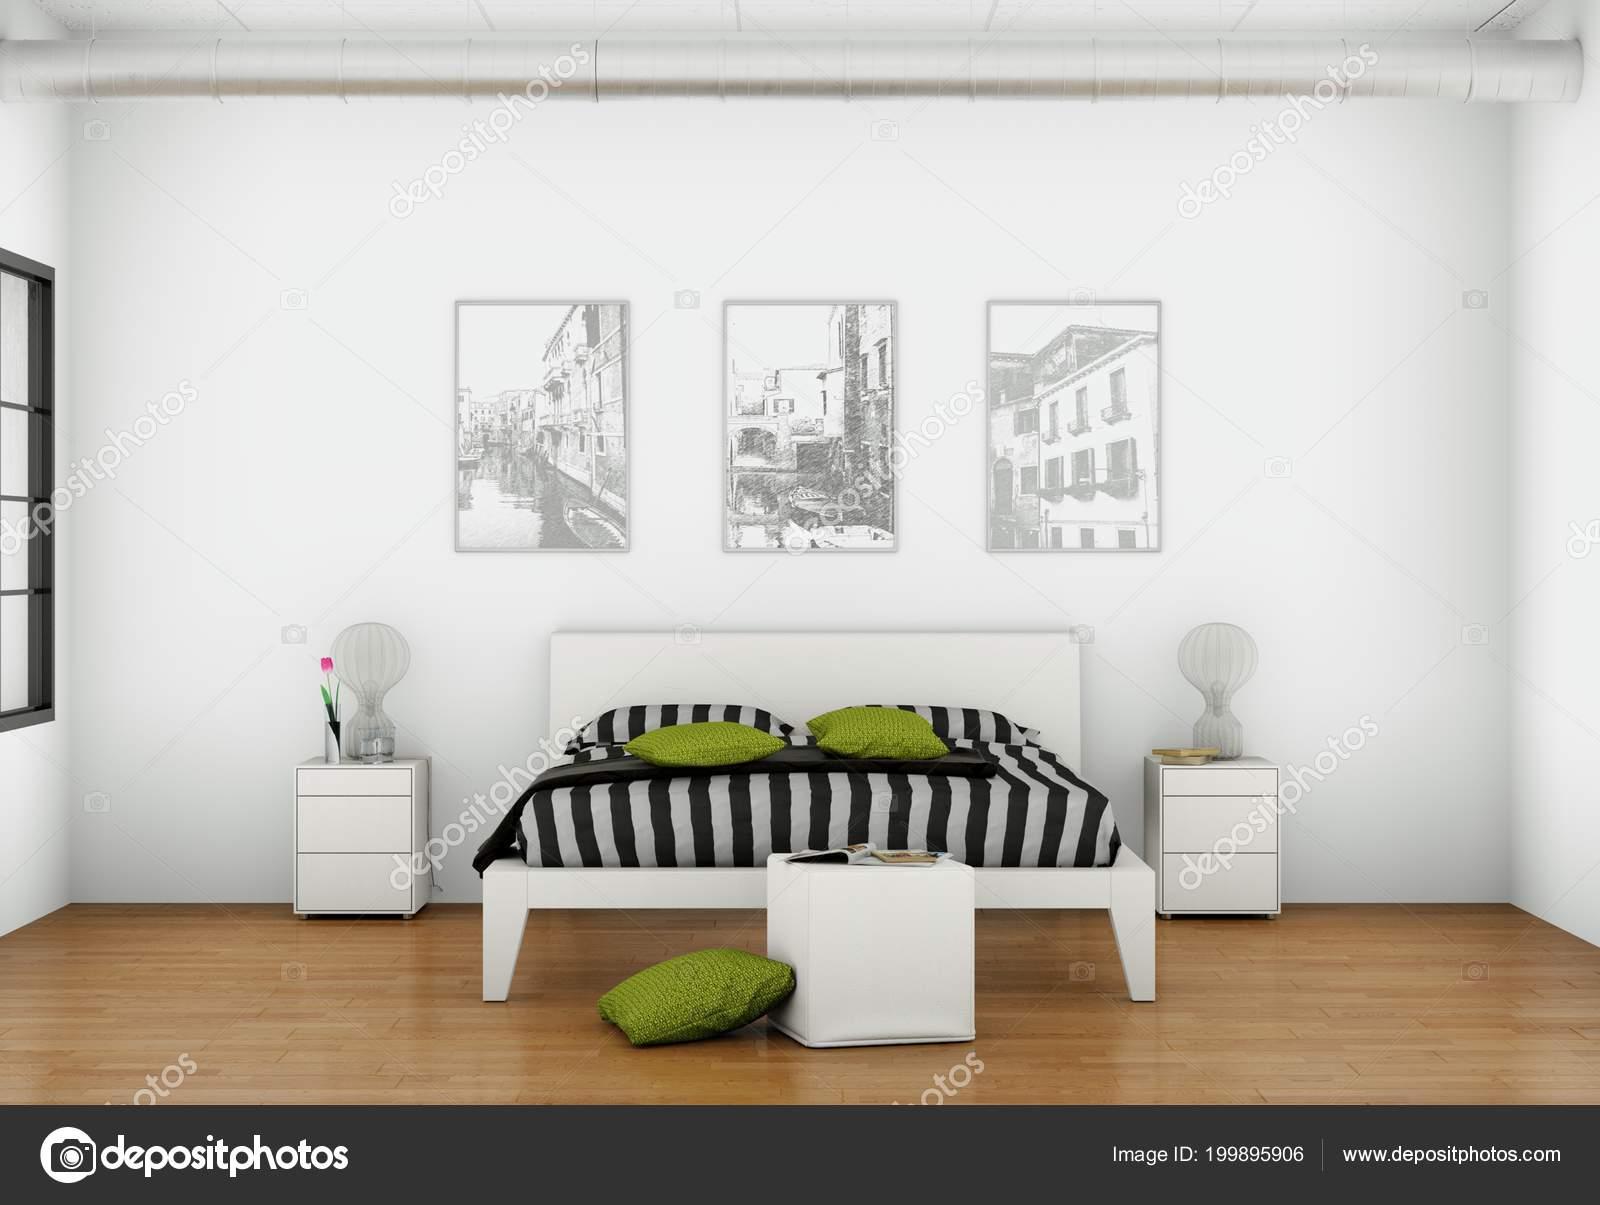 Camera da letto moderna con 3 cornici sulla parete foto stock virtua73 199895906 - Parete camera da letto moderna ...